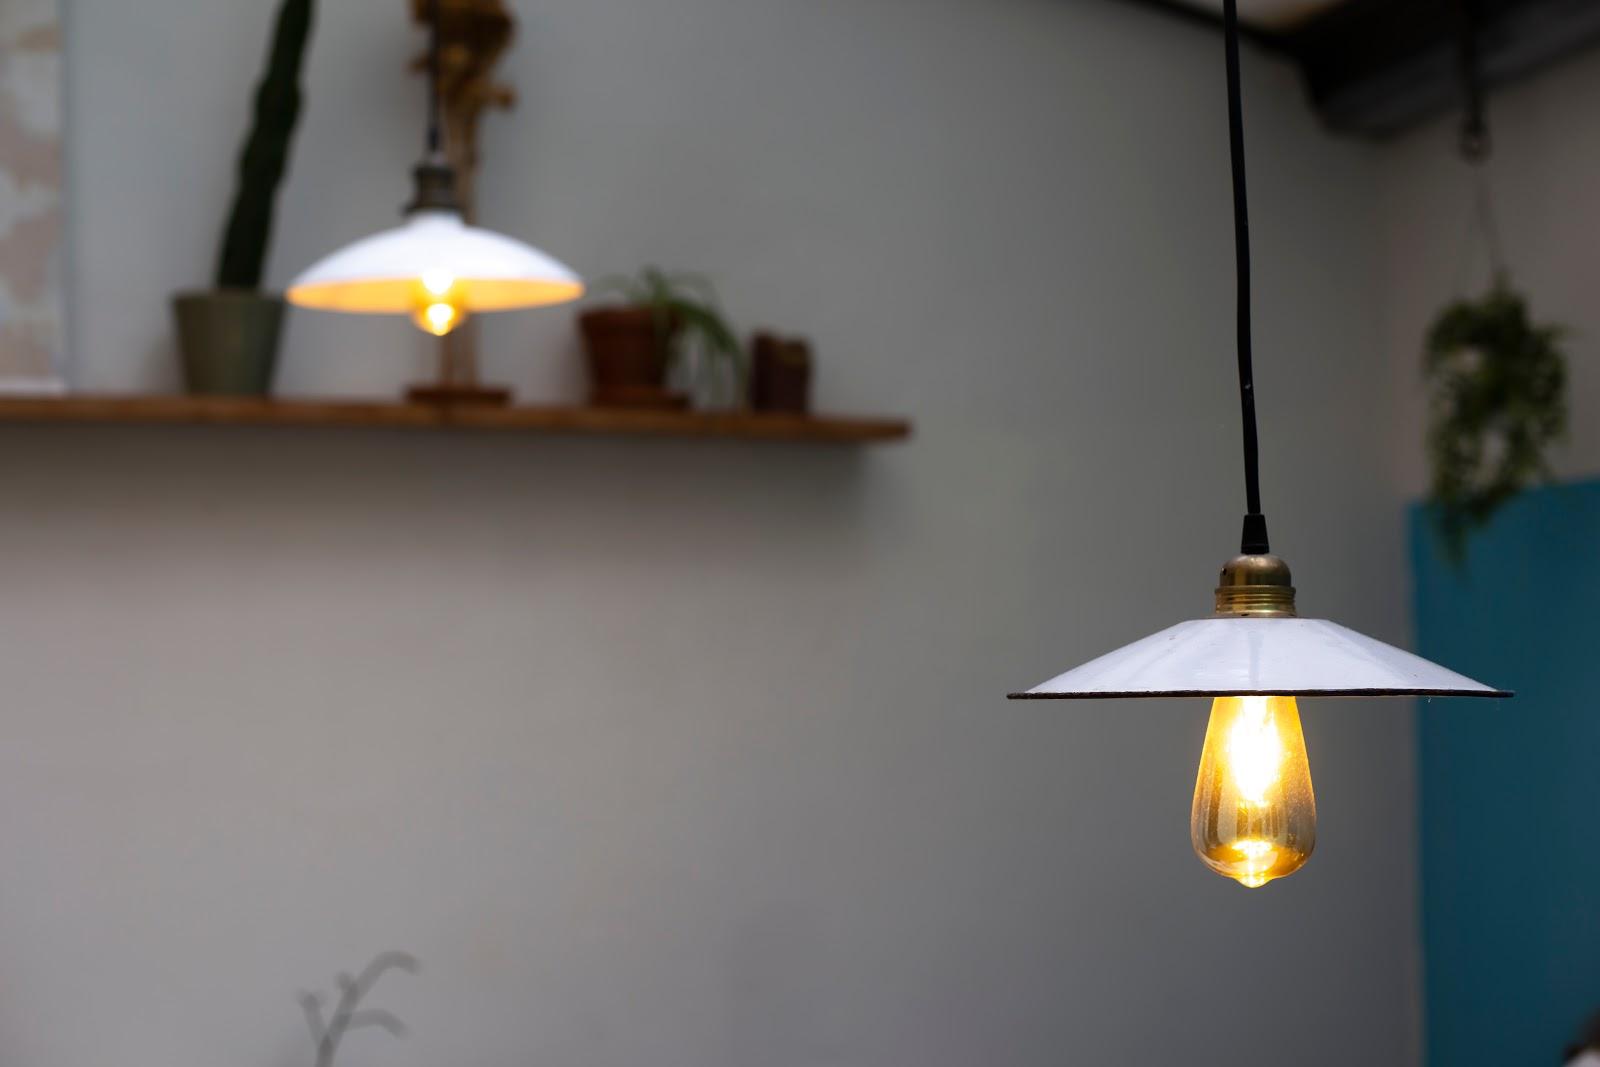 Luminária pendente com lâmpada de luz amarela.